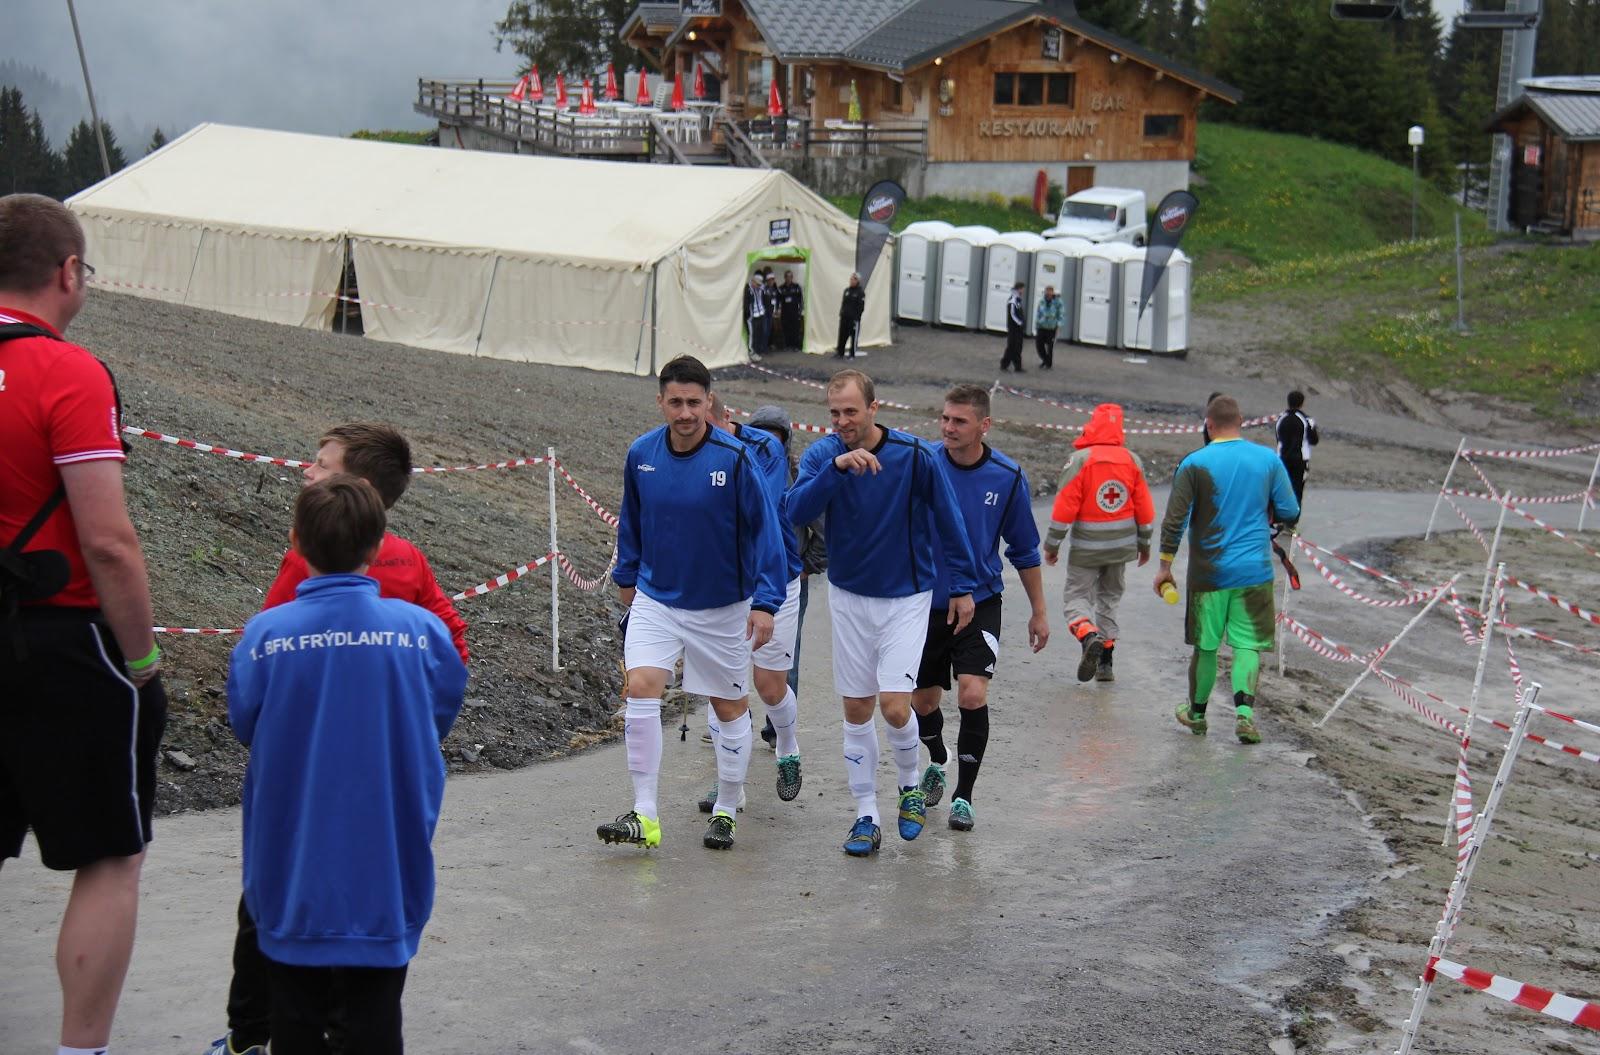 EURO 2016 - Morzine: Den druhý - Švýcarsko